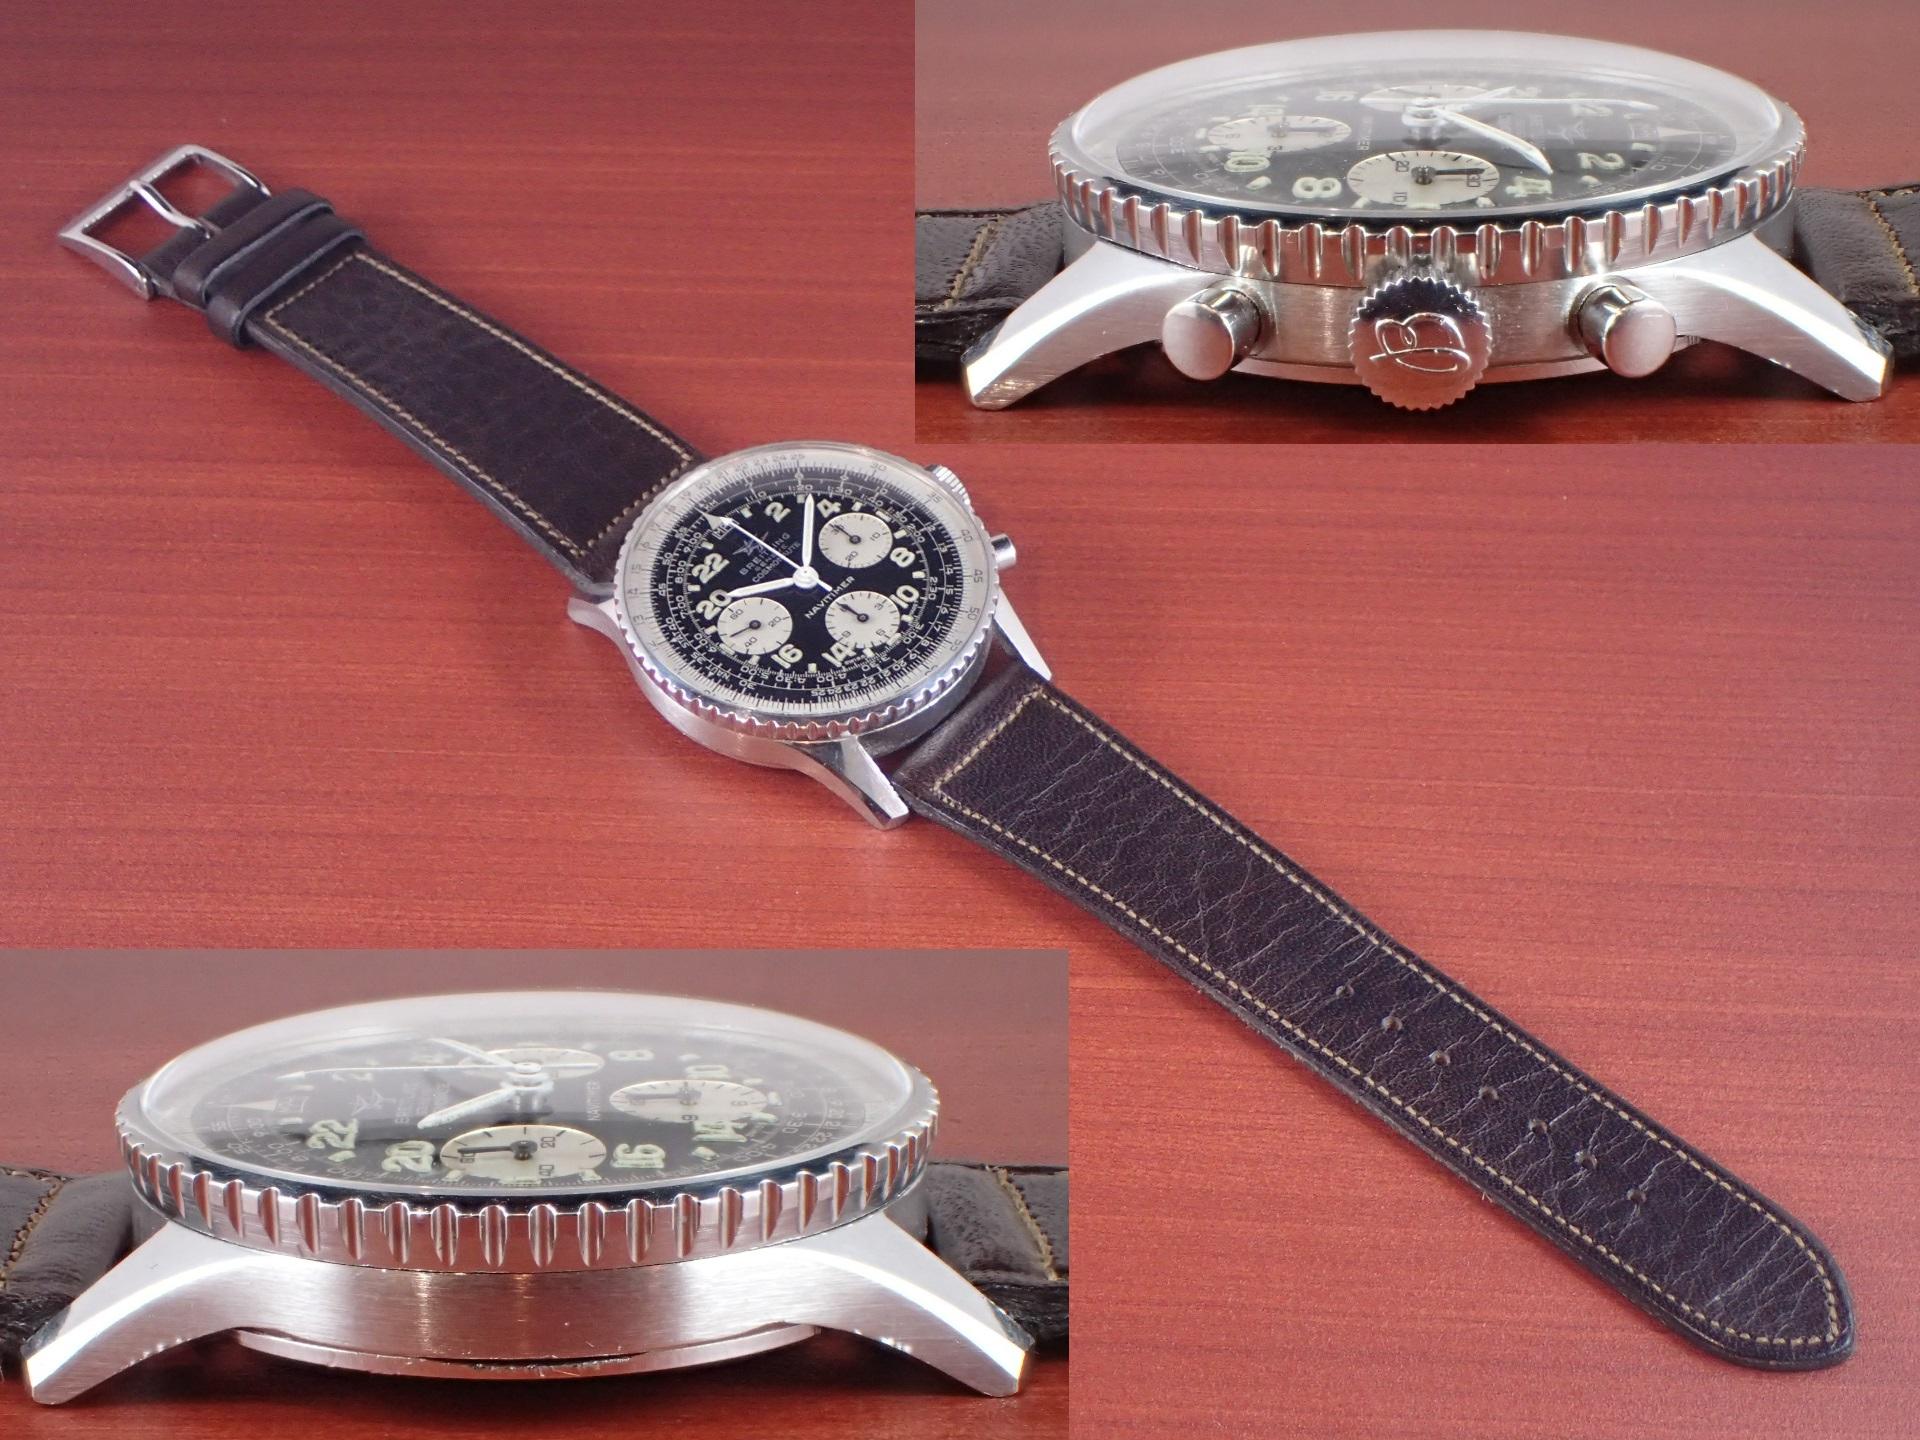 ブライトリング コスモノート ナビタイマー Ref.809 24時間時計 1960年代の写真3枚目